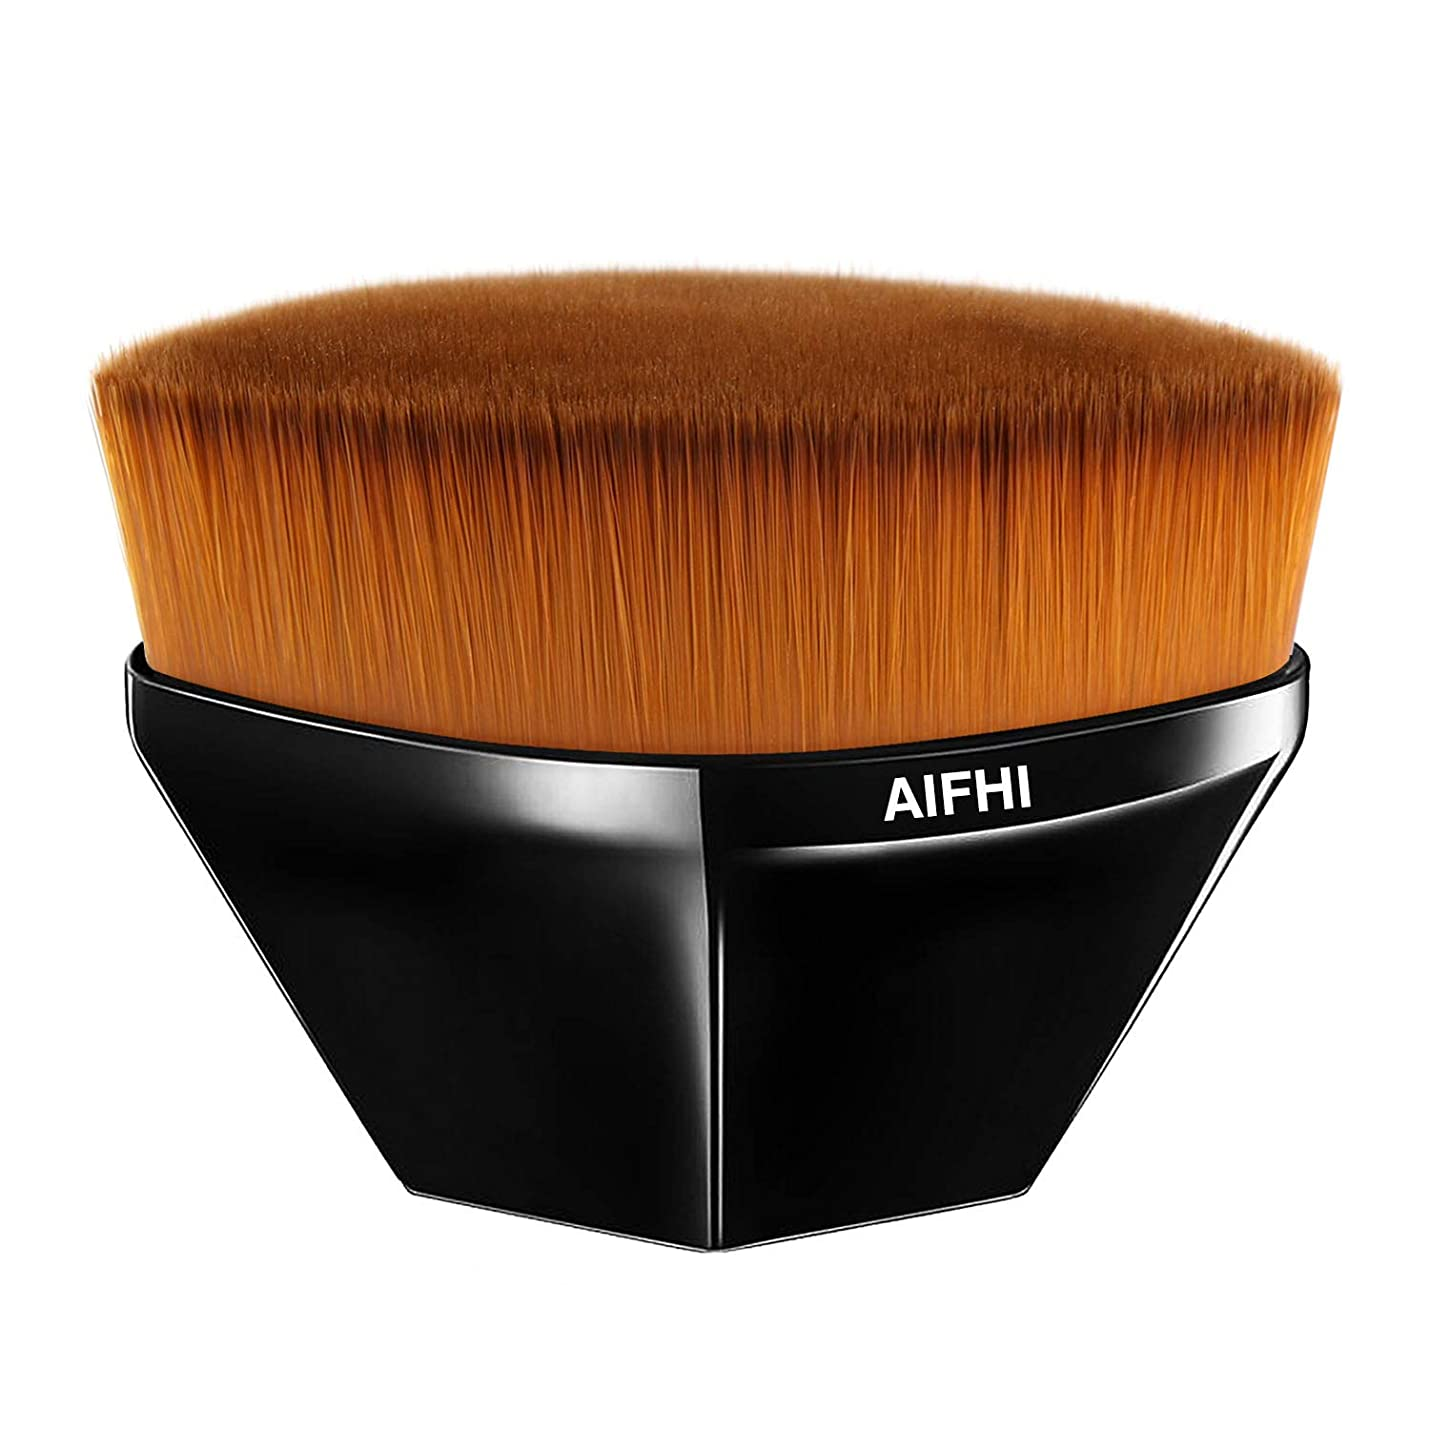 連邦自伝ミシン目AIFHI メイクアップブラシ 粧ブラシ 化粧筆 ファンデーションブラシ 肌に優しい 携帯便利 高級のタクロンを使用 (ブラック)